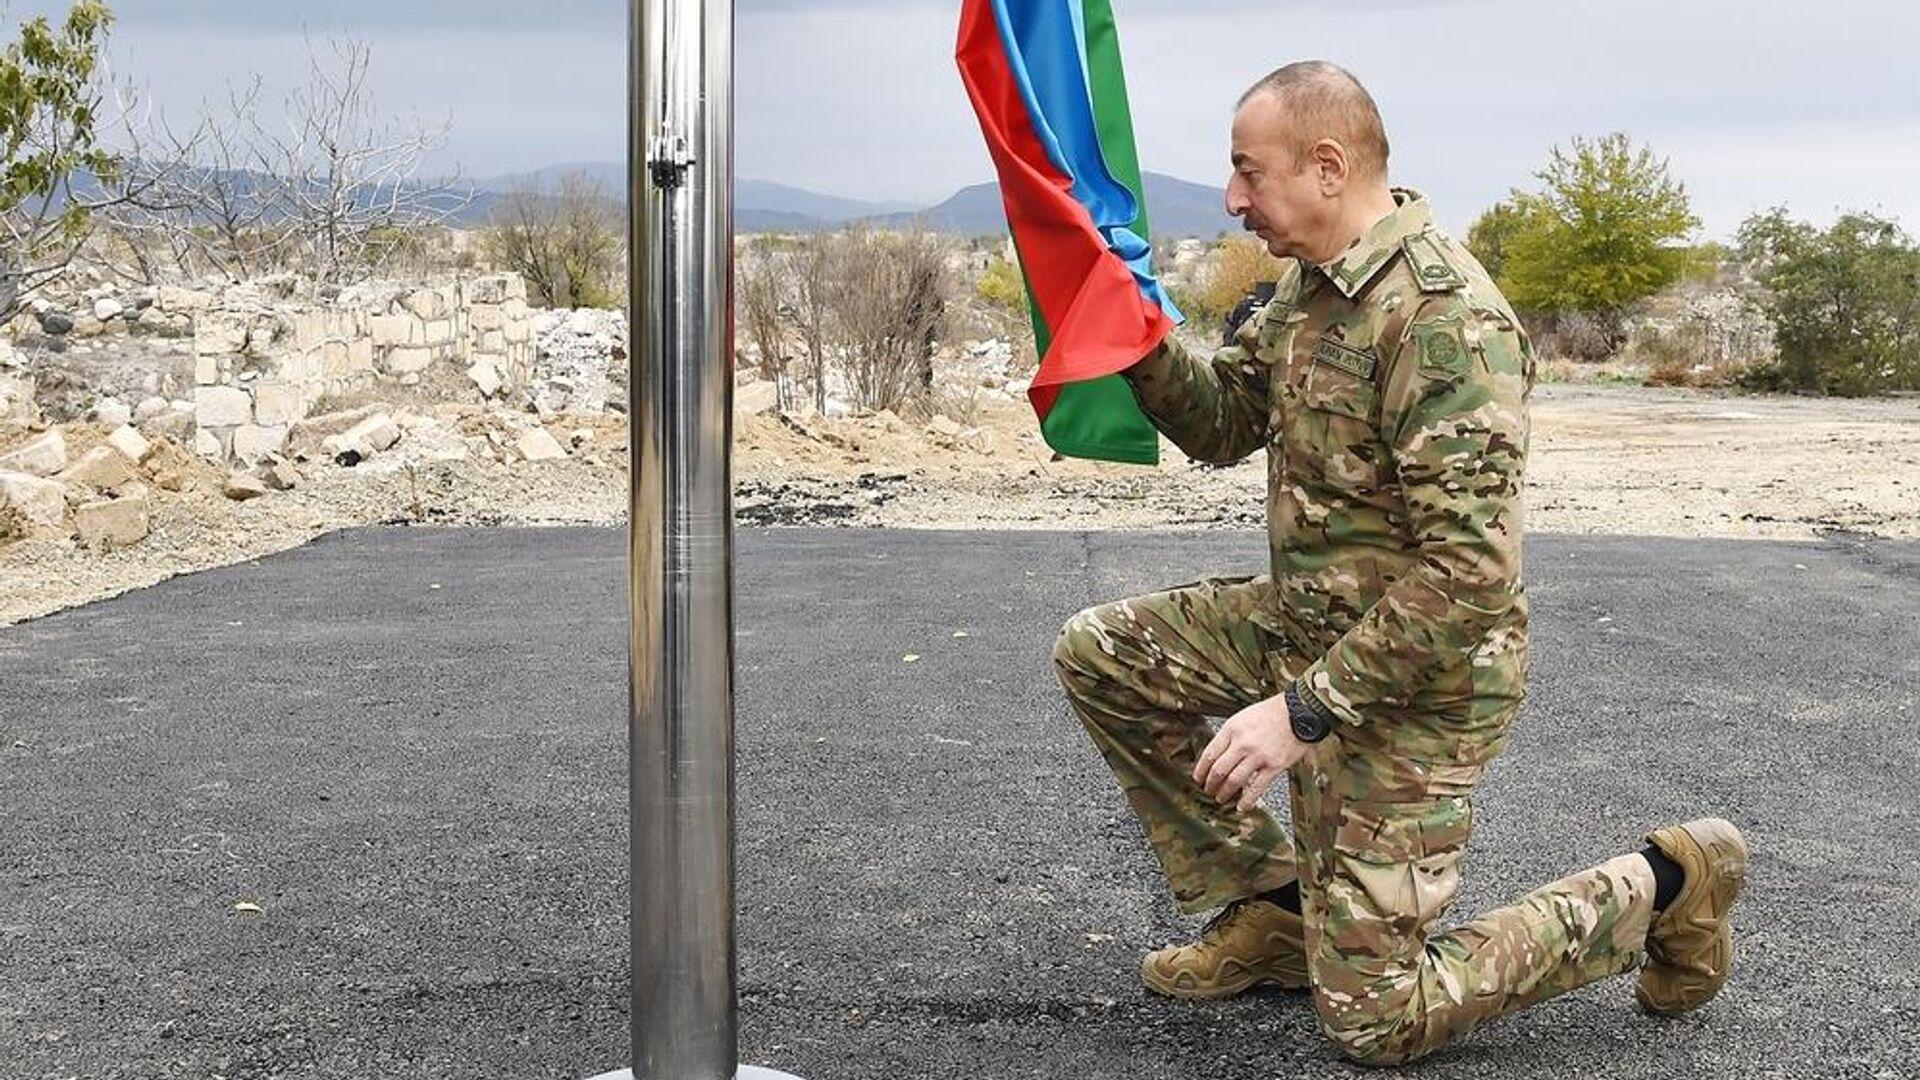 Президент Азербайджана Ильхам Алиев во время поднятия государственного флага Азербайджана в городе Агдам - РИА Новости, 1920, 24.11.2020